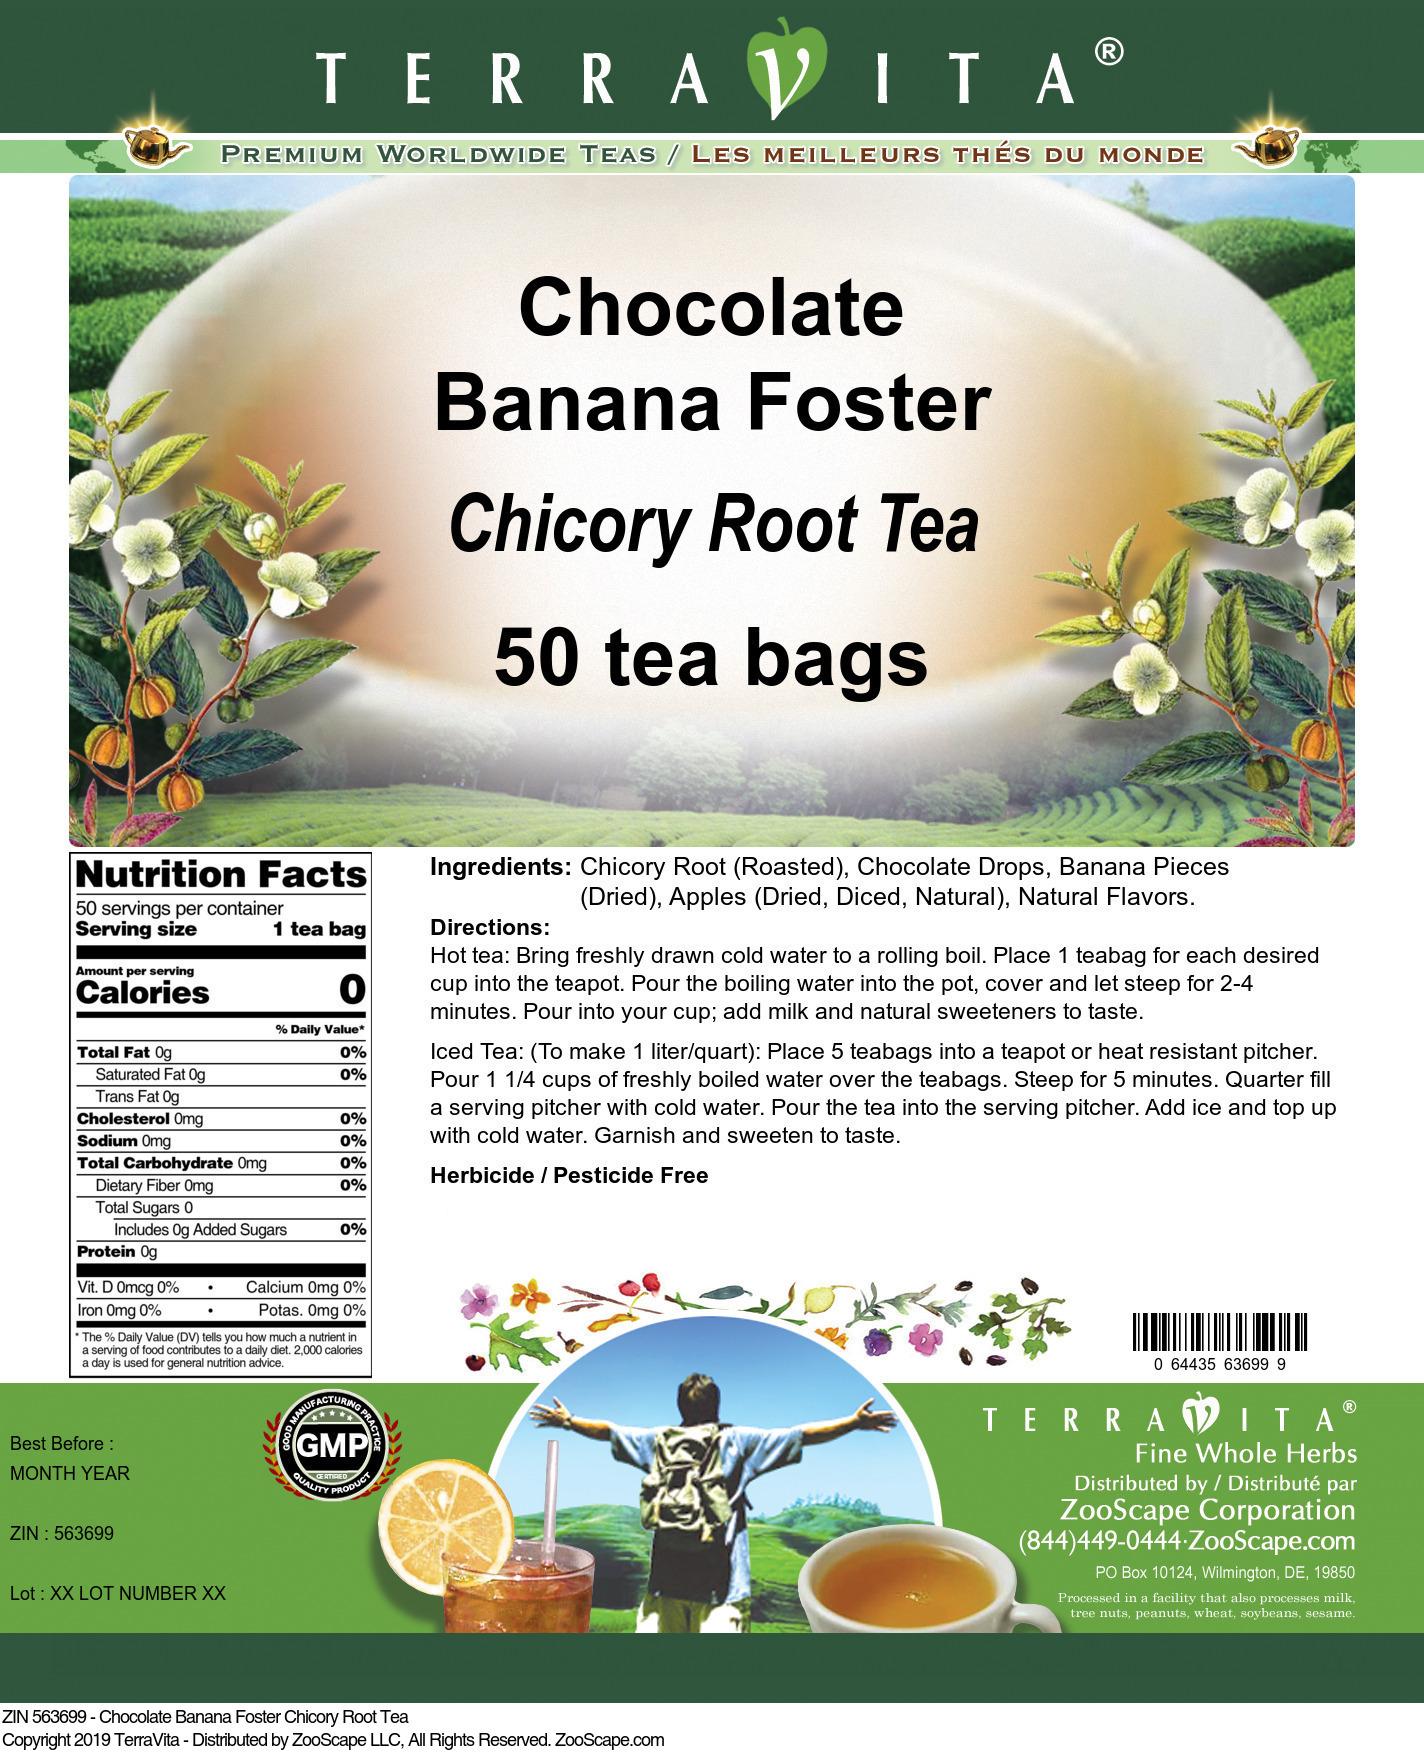 Chocolate Banana Foster Chicory Root Tea